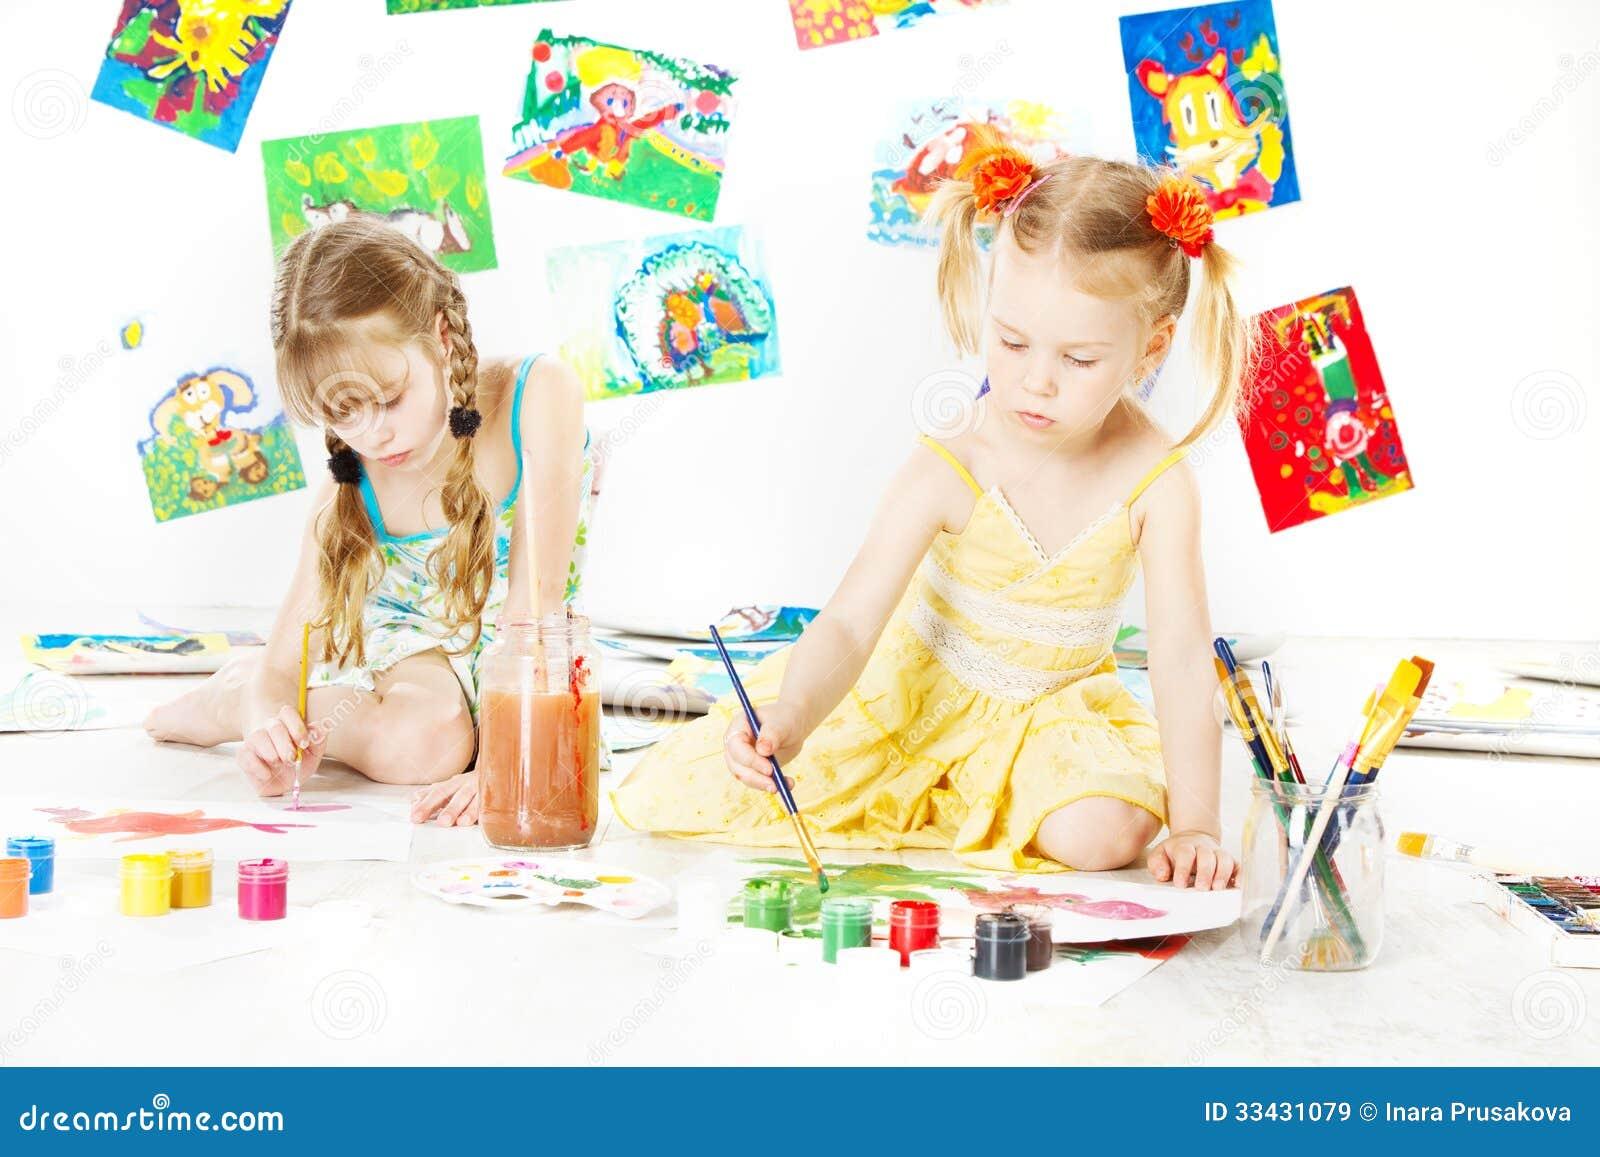 Δύο παιδιά που σύρουν με τη βούρτσα χρώματος. δημιουργικός